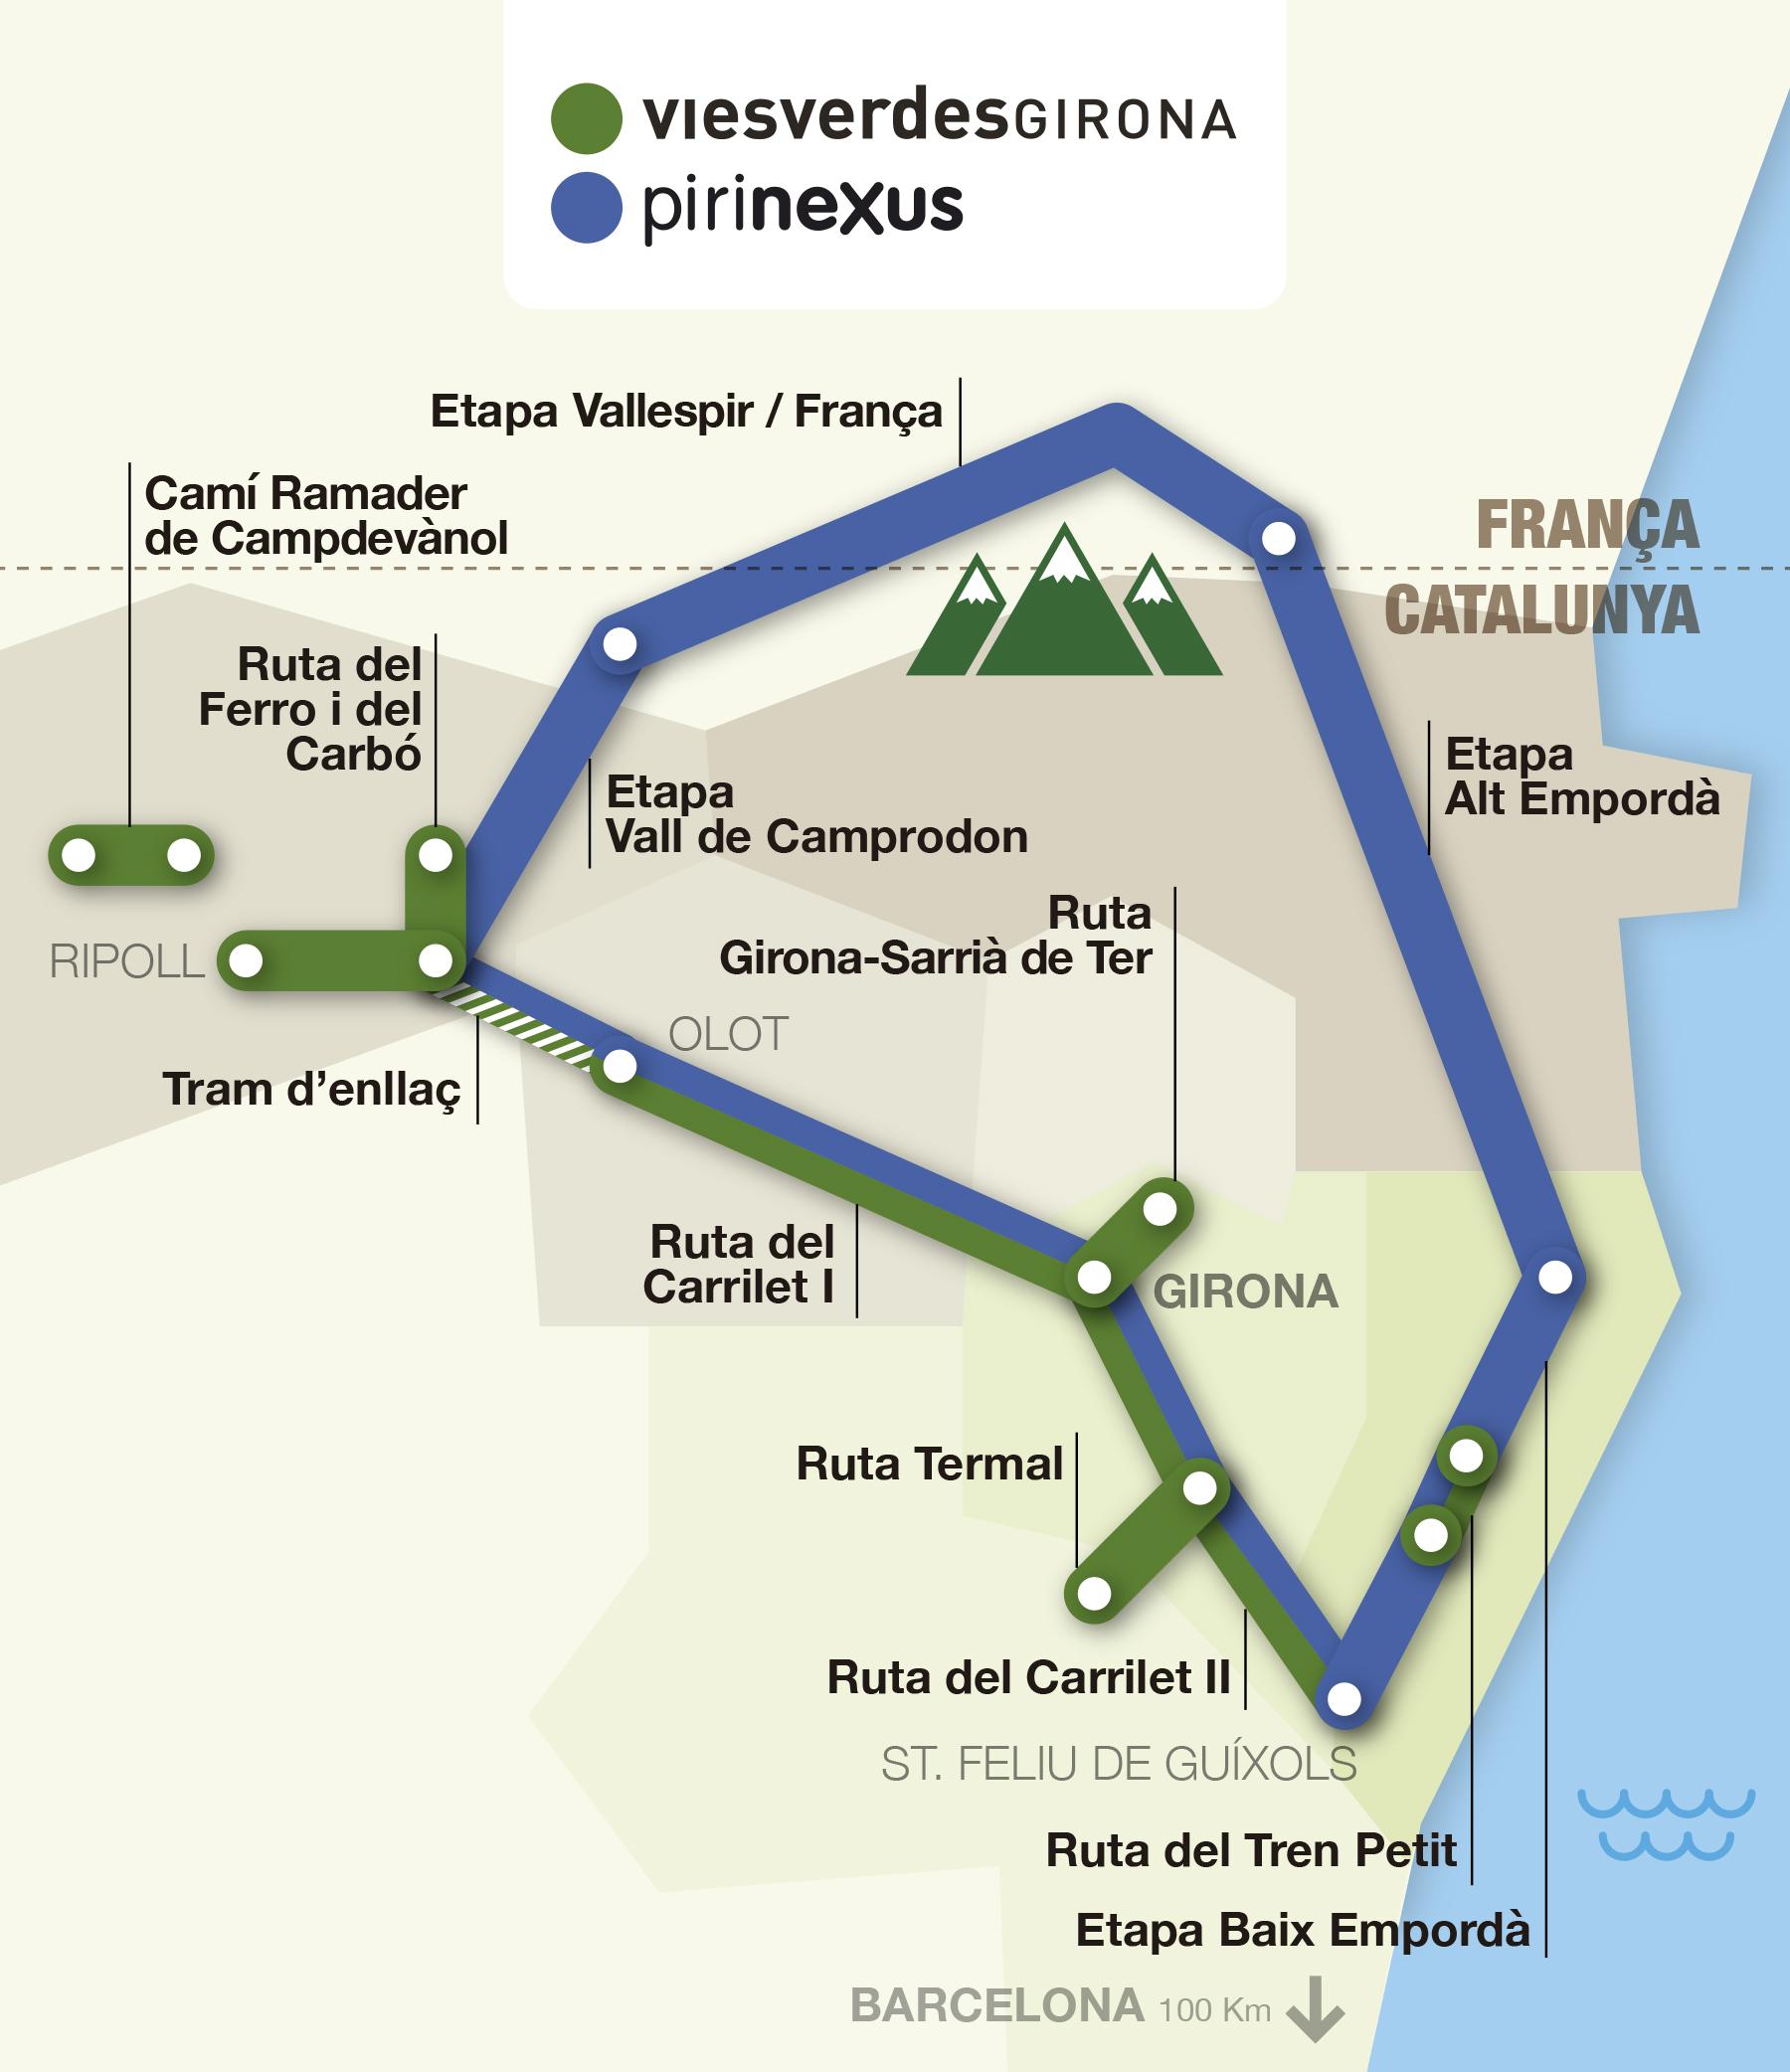 Mapa interactiu de les rutes vies verdes i pirinexus